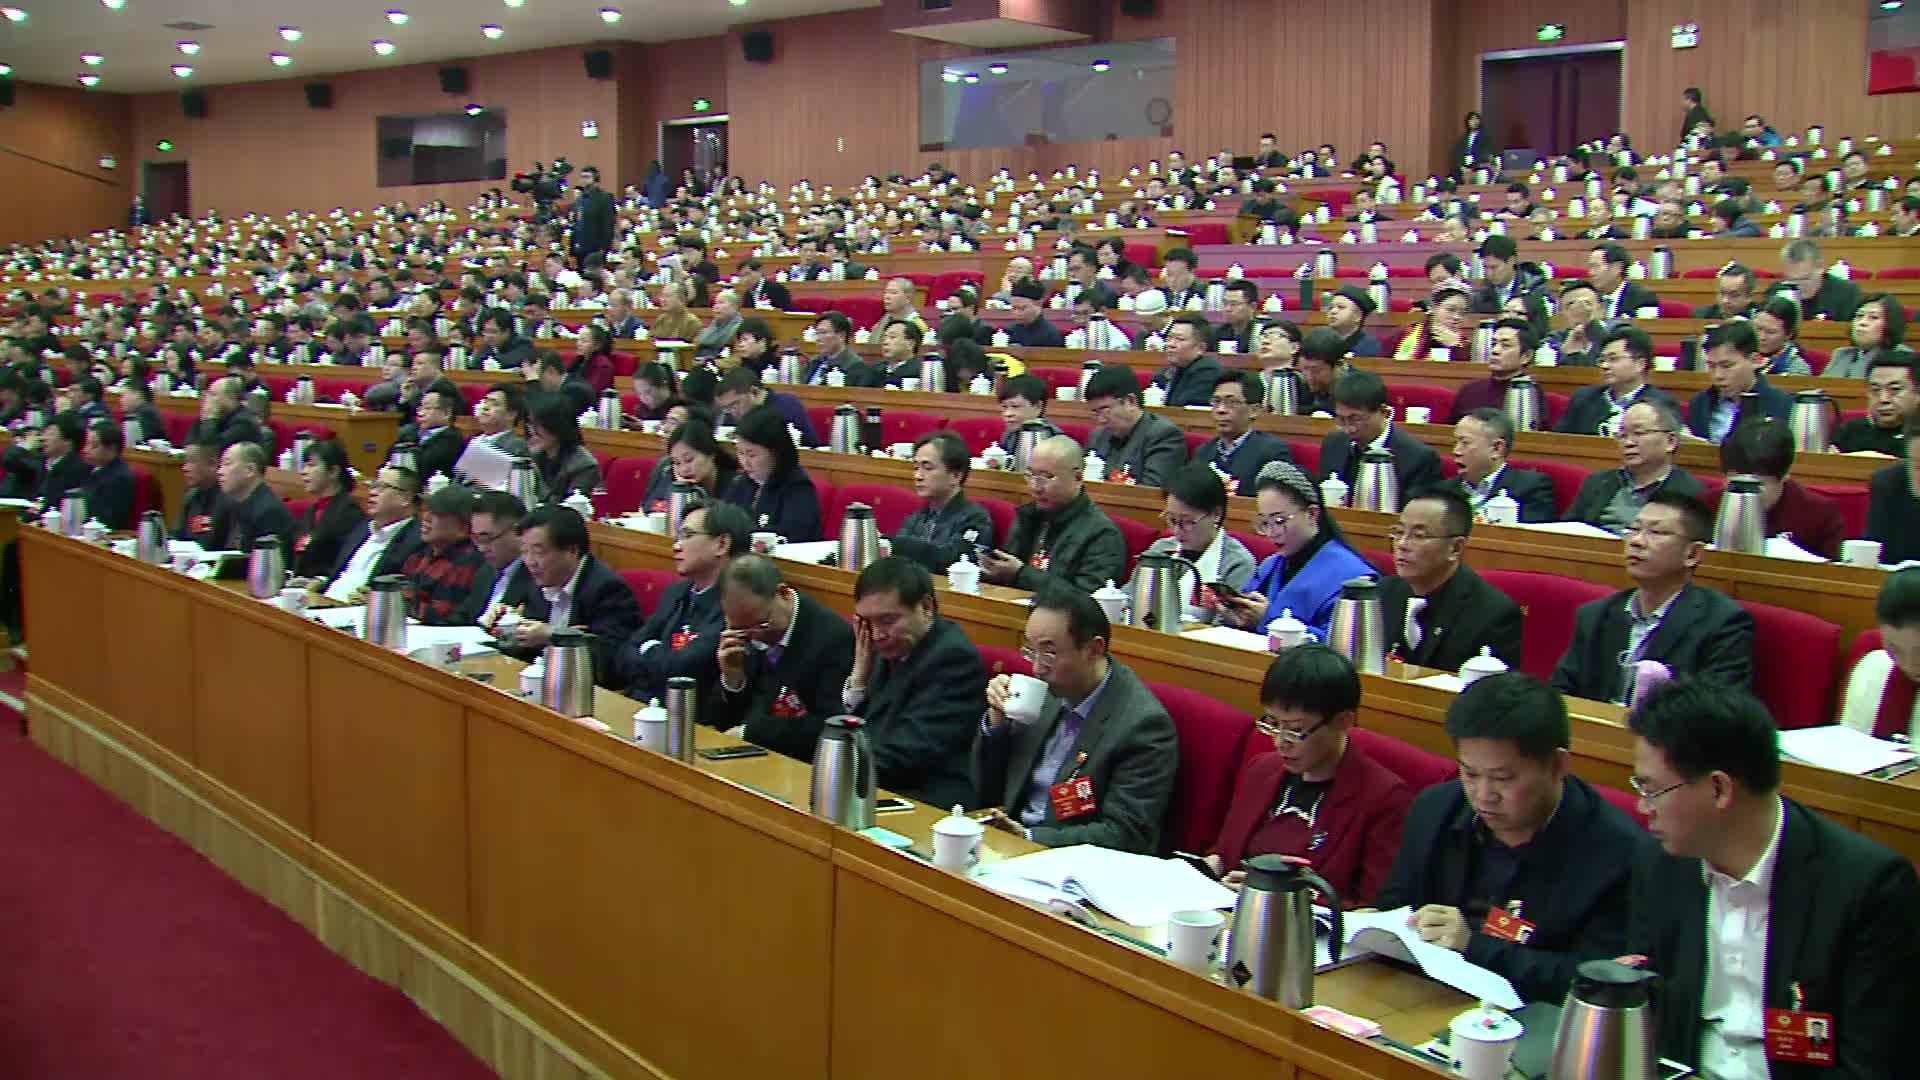 【全程回放】政协湖南省第十二届委员会第二次会议第二次大会(下)